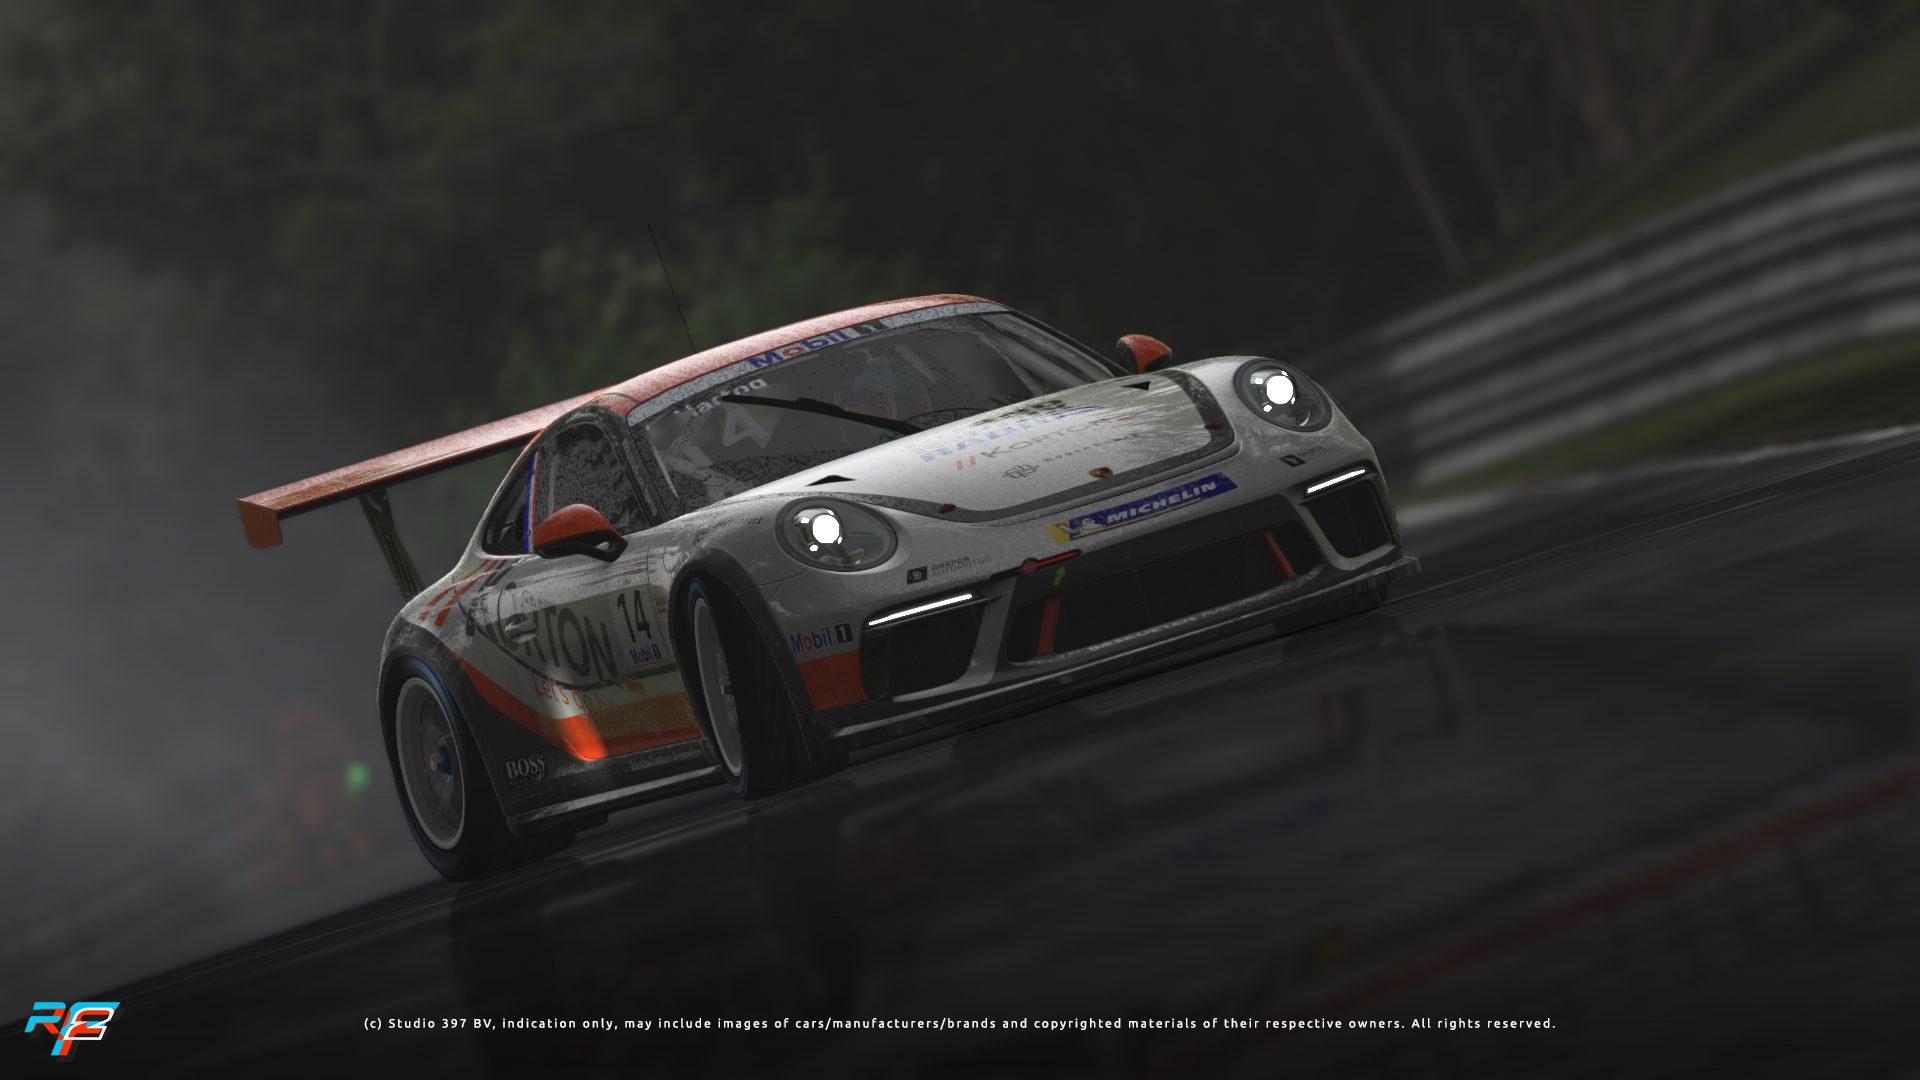 Porsche_911_GT3_Cup_screenshot_08_brande